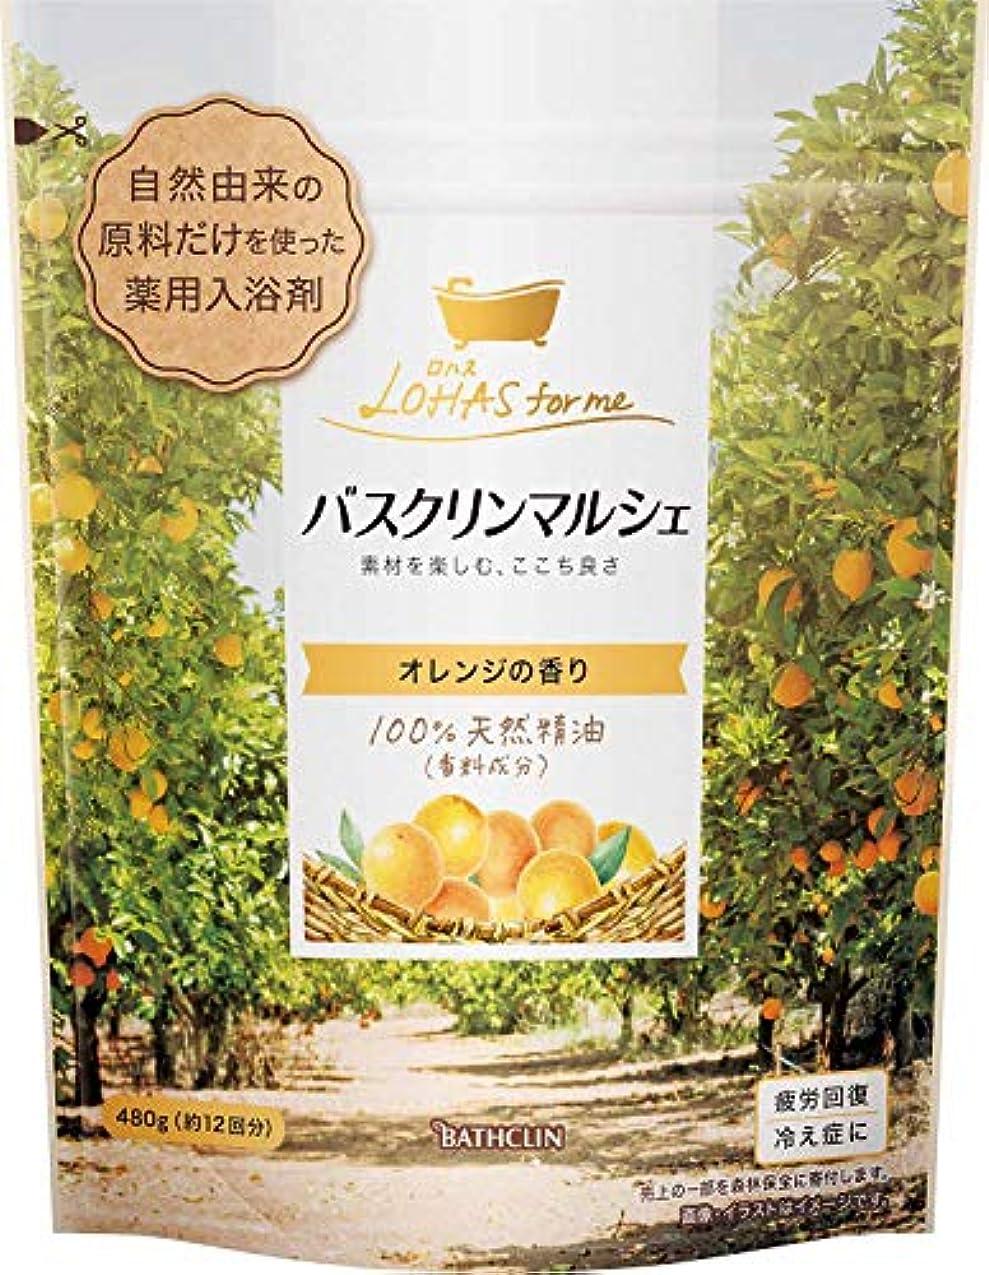 複製する削除する書き込み【医薬部外品/合成香料無添加】バスクリンマルシェ入浴剤 オレンジの香り480g 自然派ほのかなやさしい香り